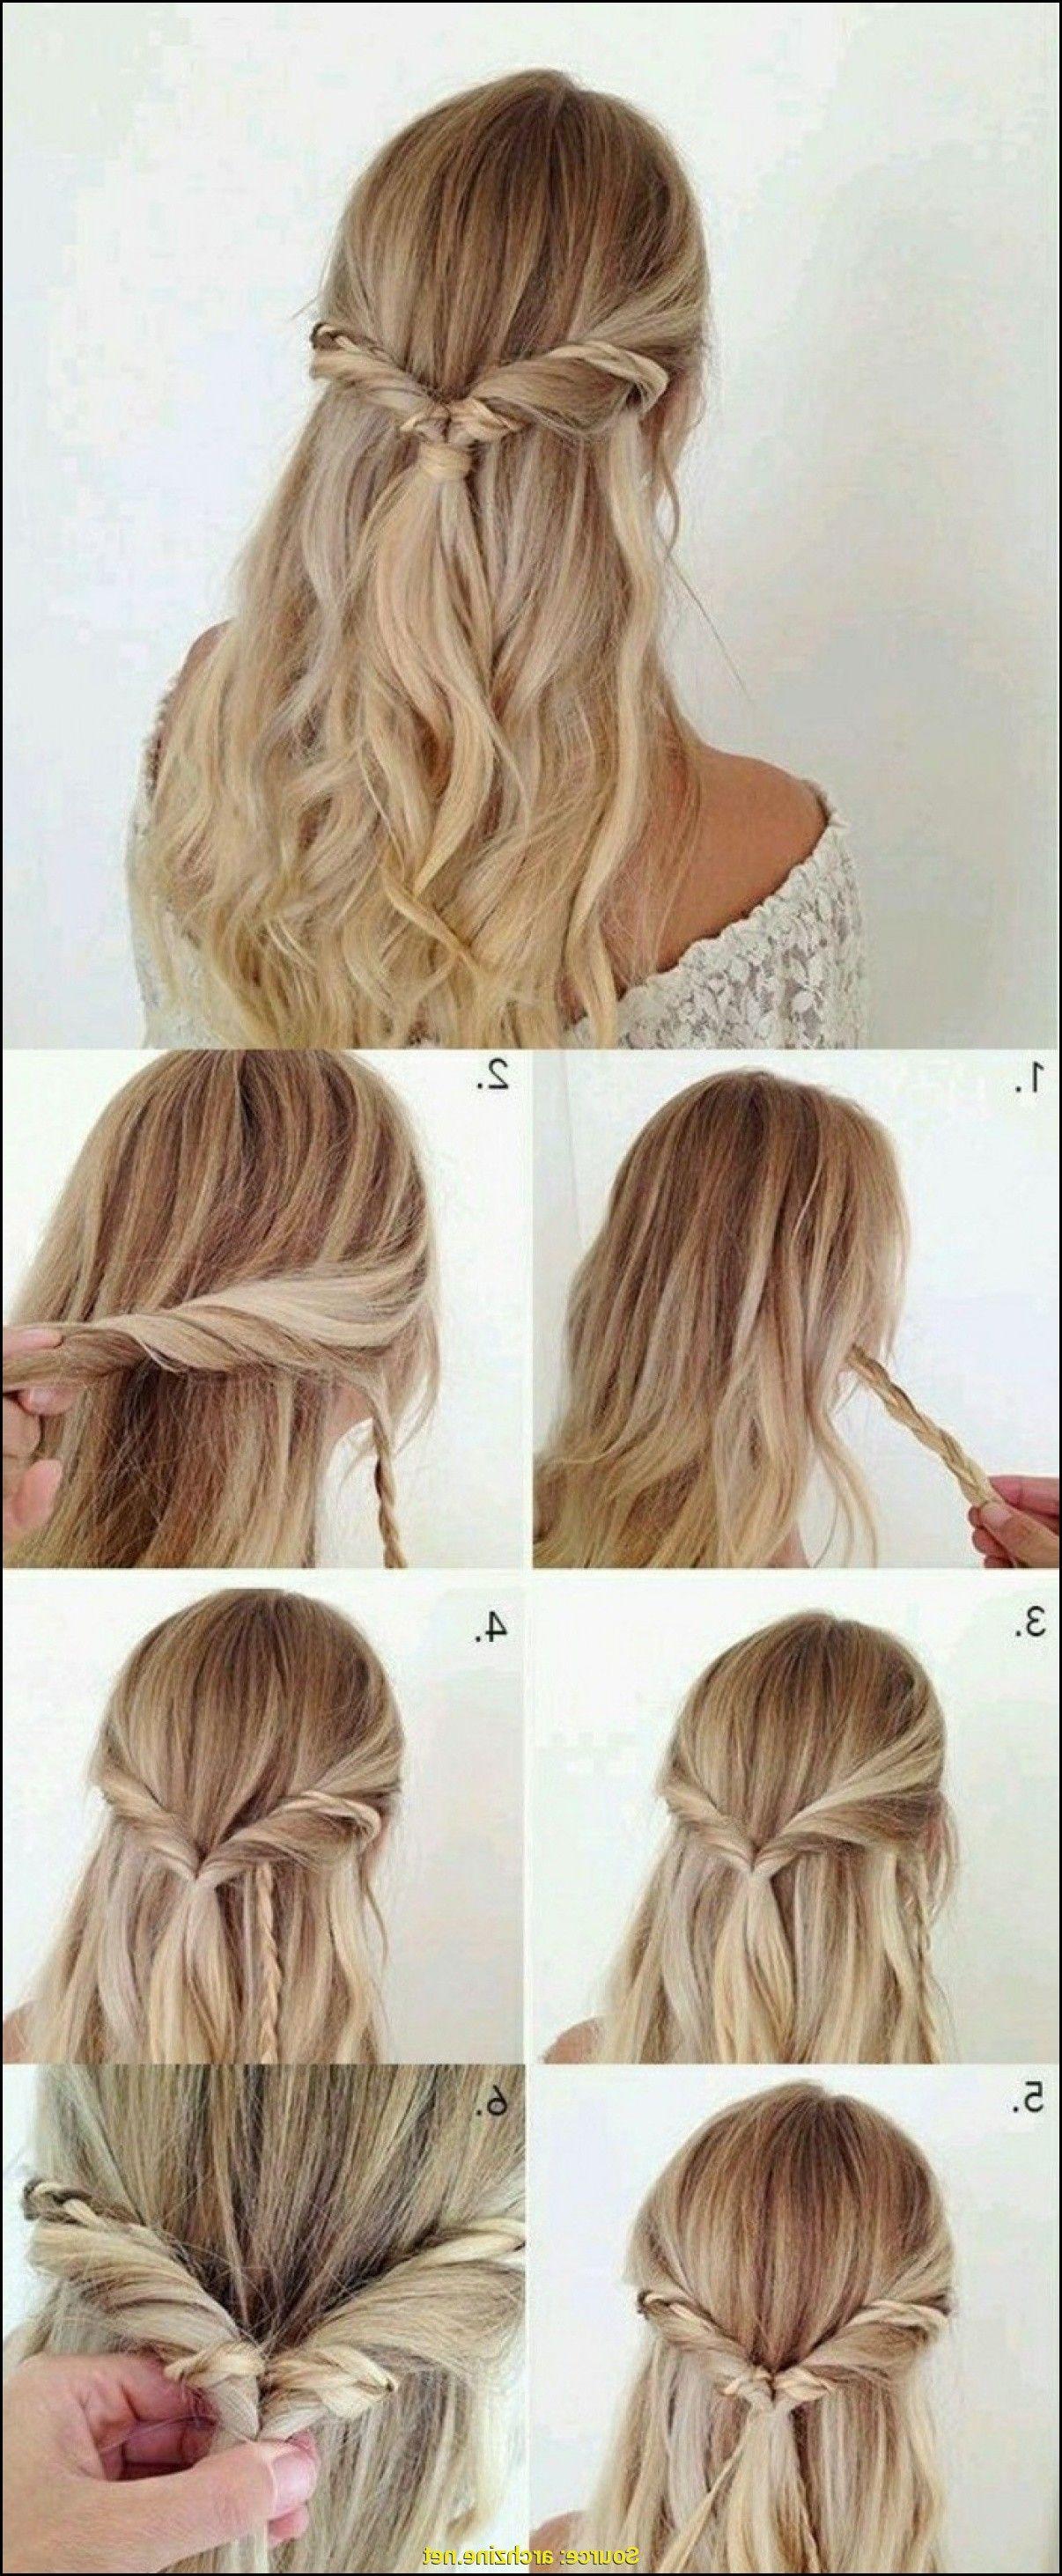 Flechtfrisur für Lange Haare - Meine Frisuren  Leichte frisuren